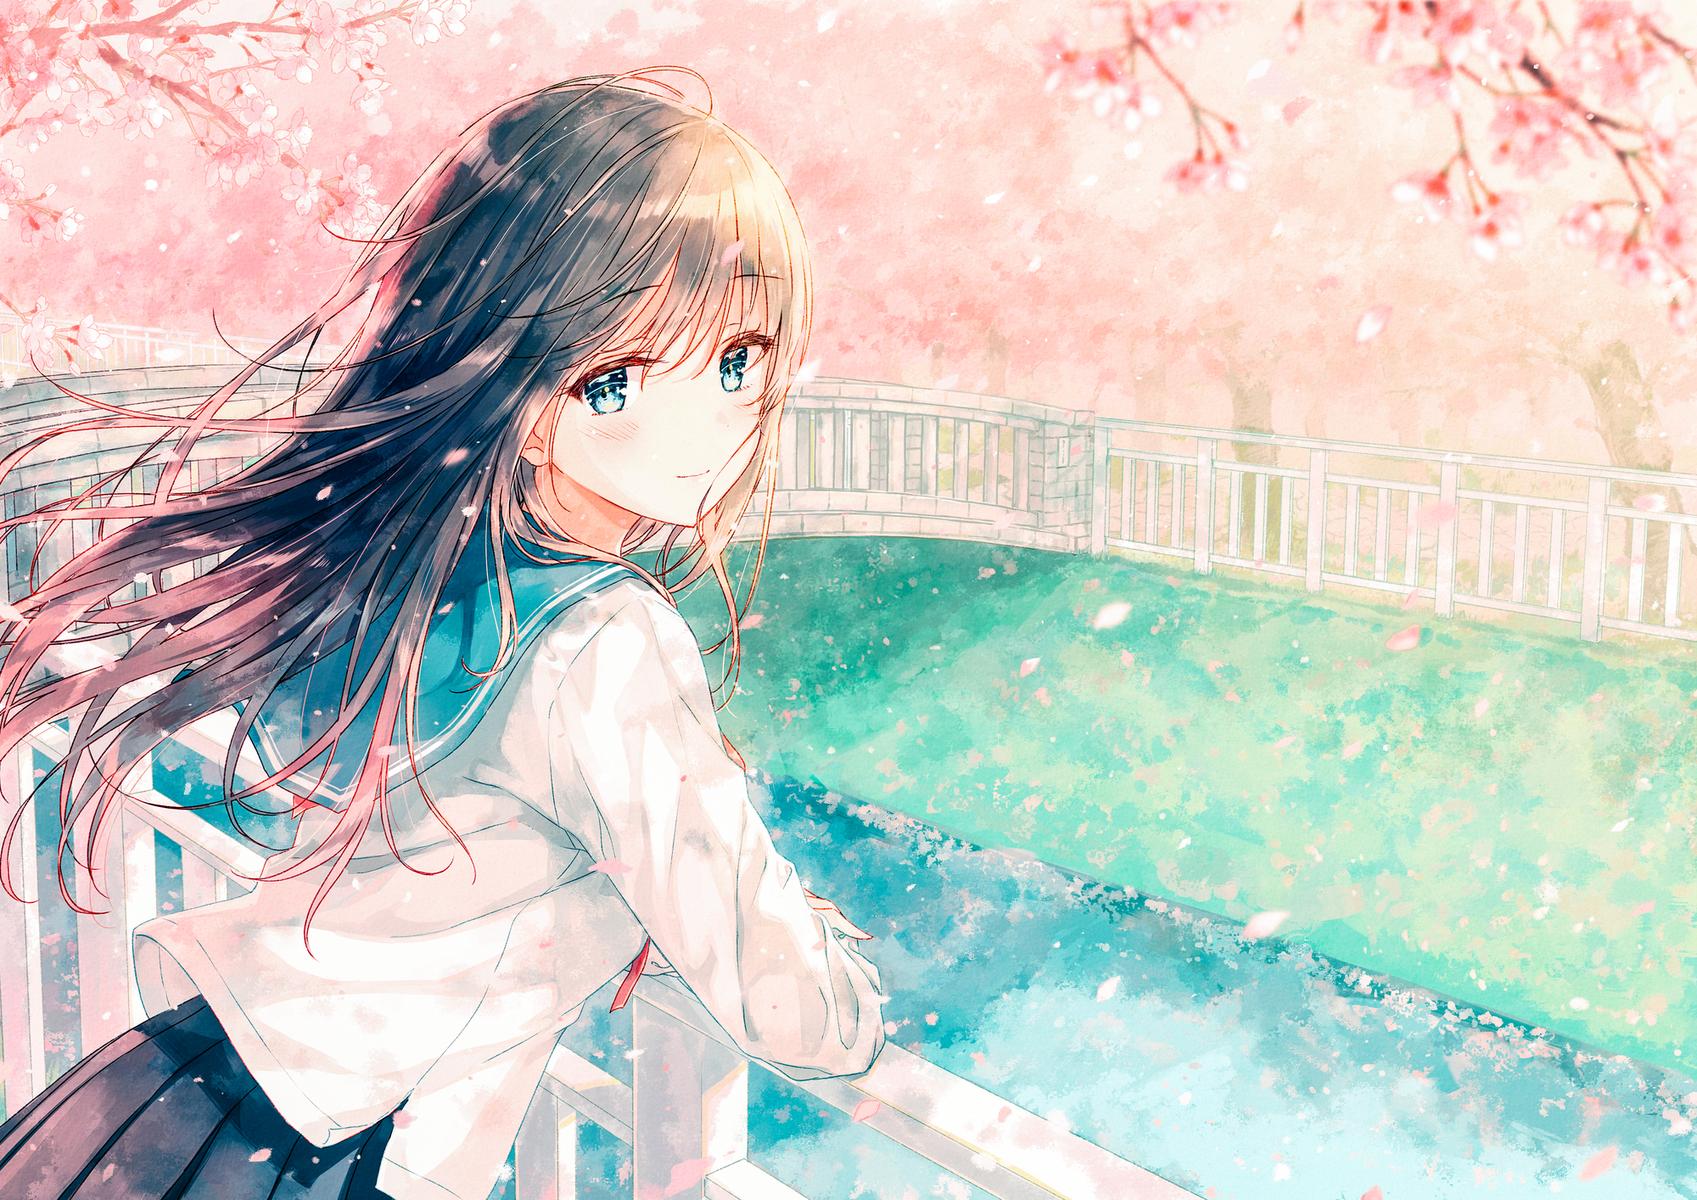 Những hình ảnh anime buồn cô đơn đẹp và sâu lắng nhất giúp bạn chia sẻ nỗi niềm, diễn tả nội tâm.. hình nền anime buồn đẹp và tâm trạng.